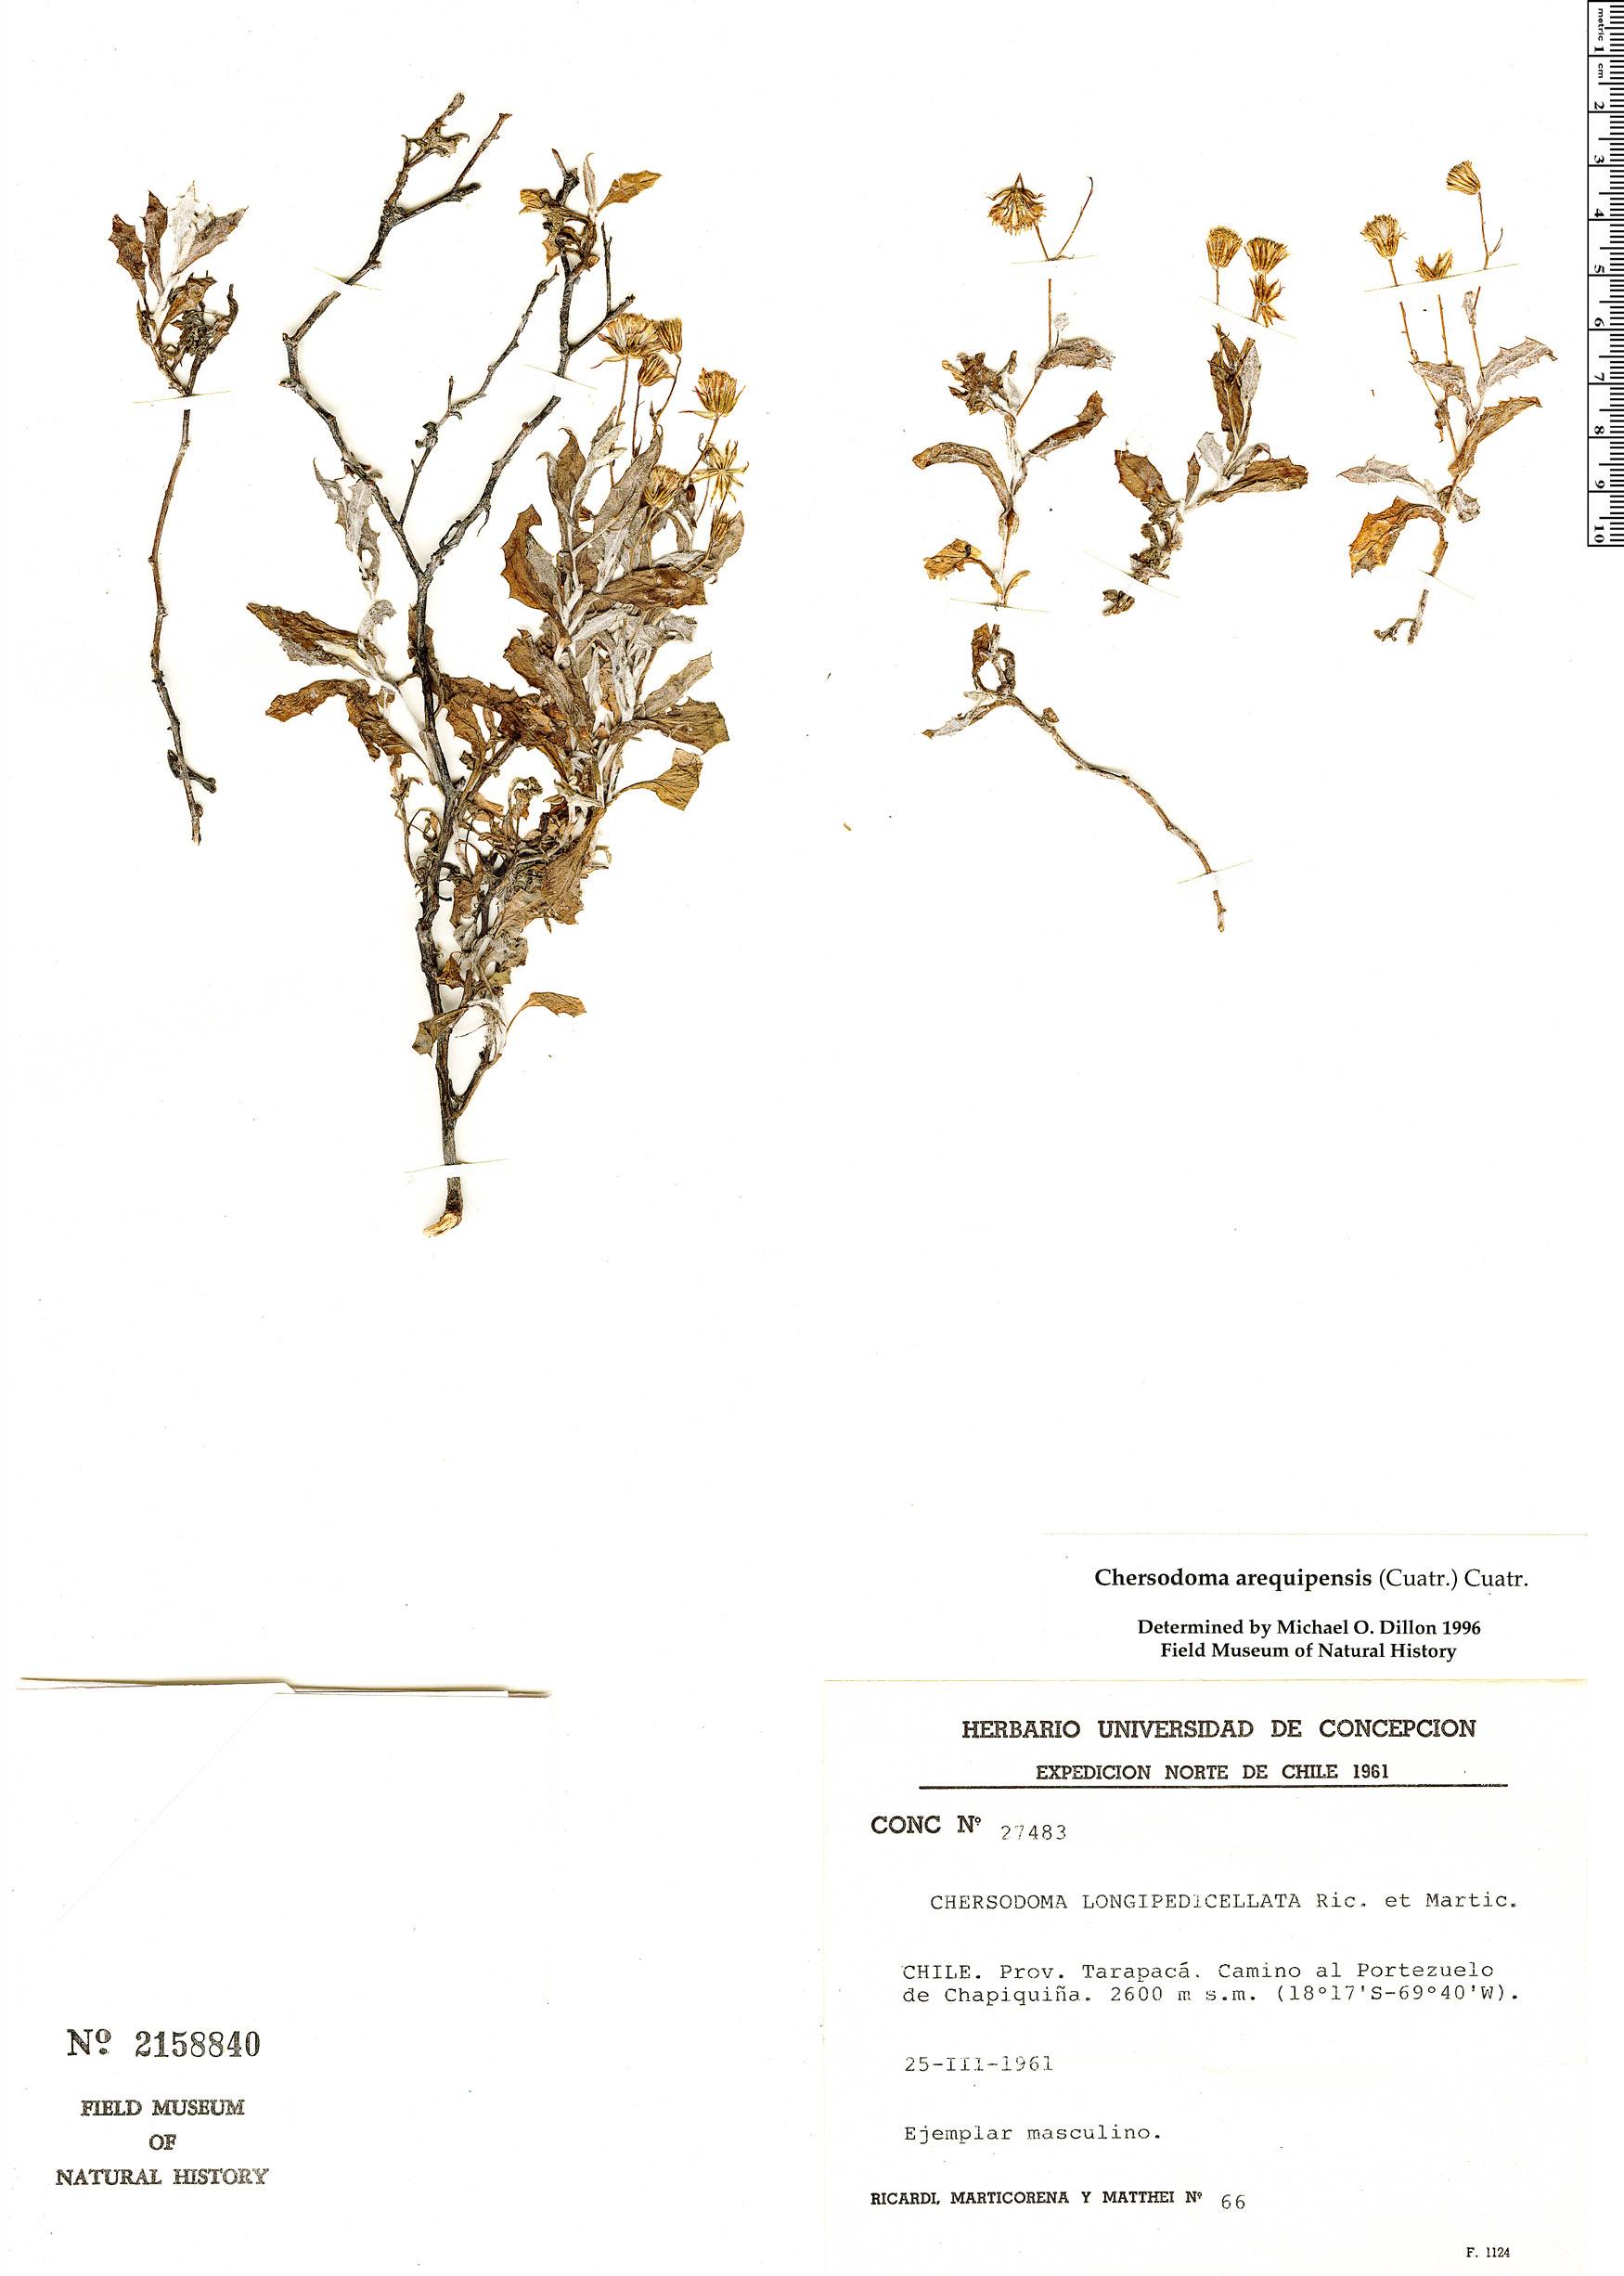 Specimen: Chersodoma arequipensis